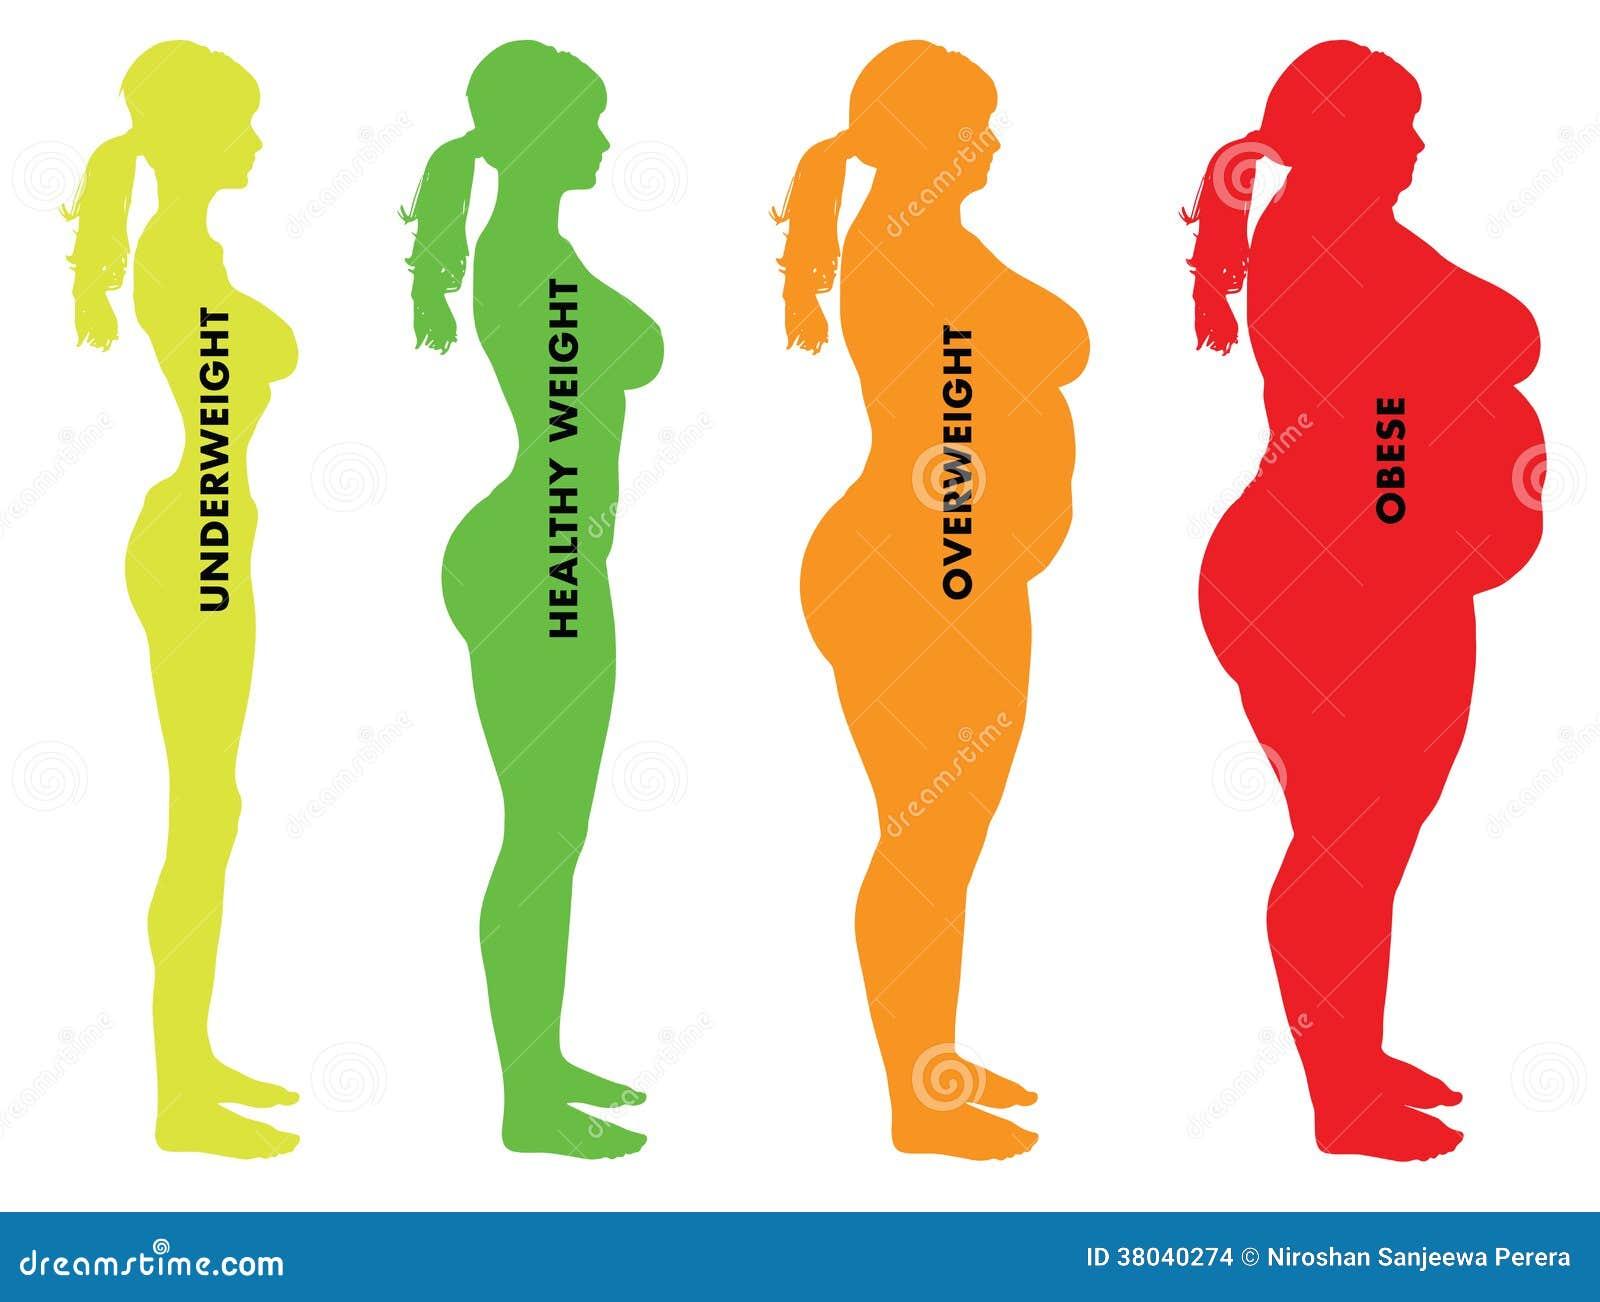 indice di massa corporea donne